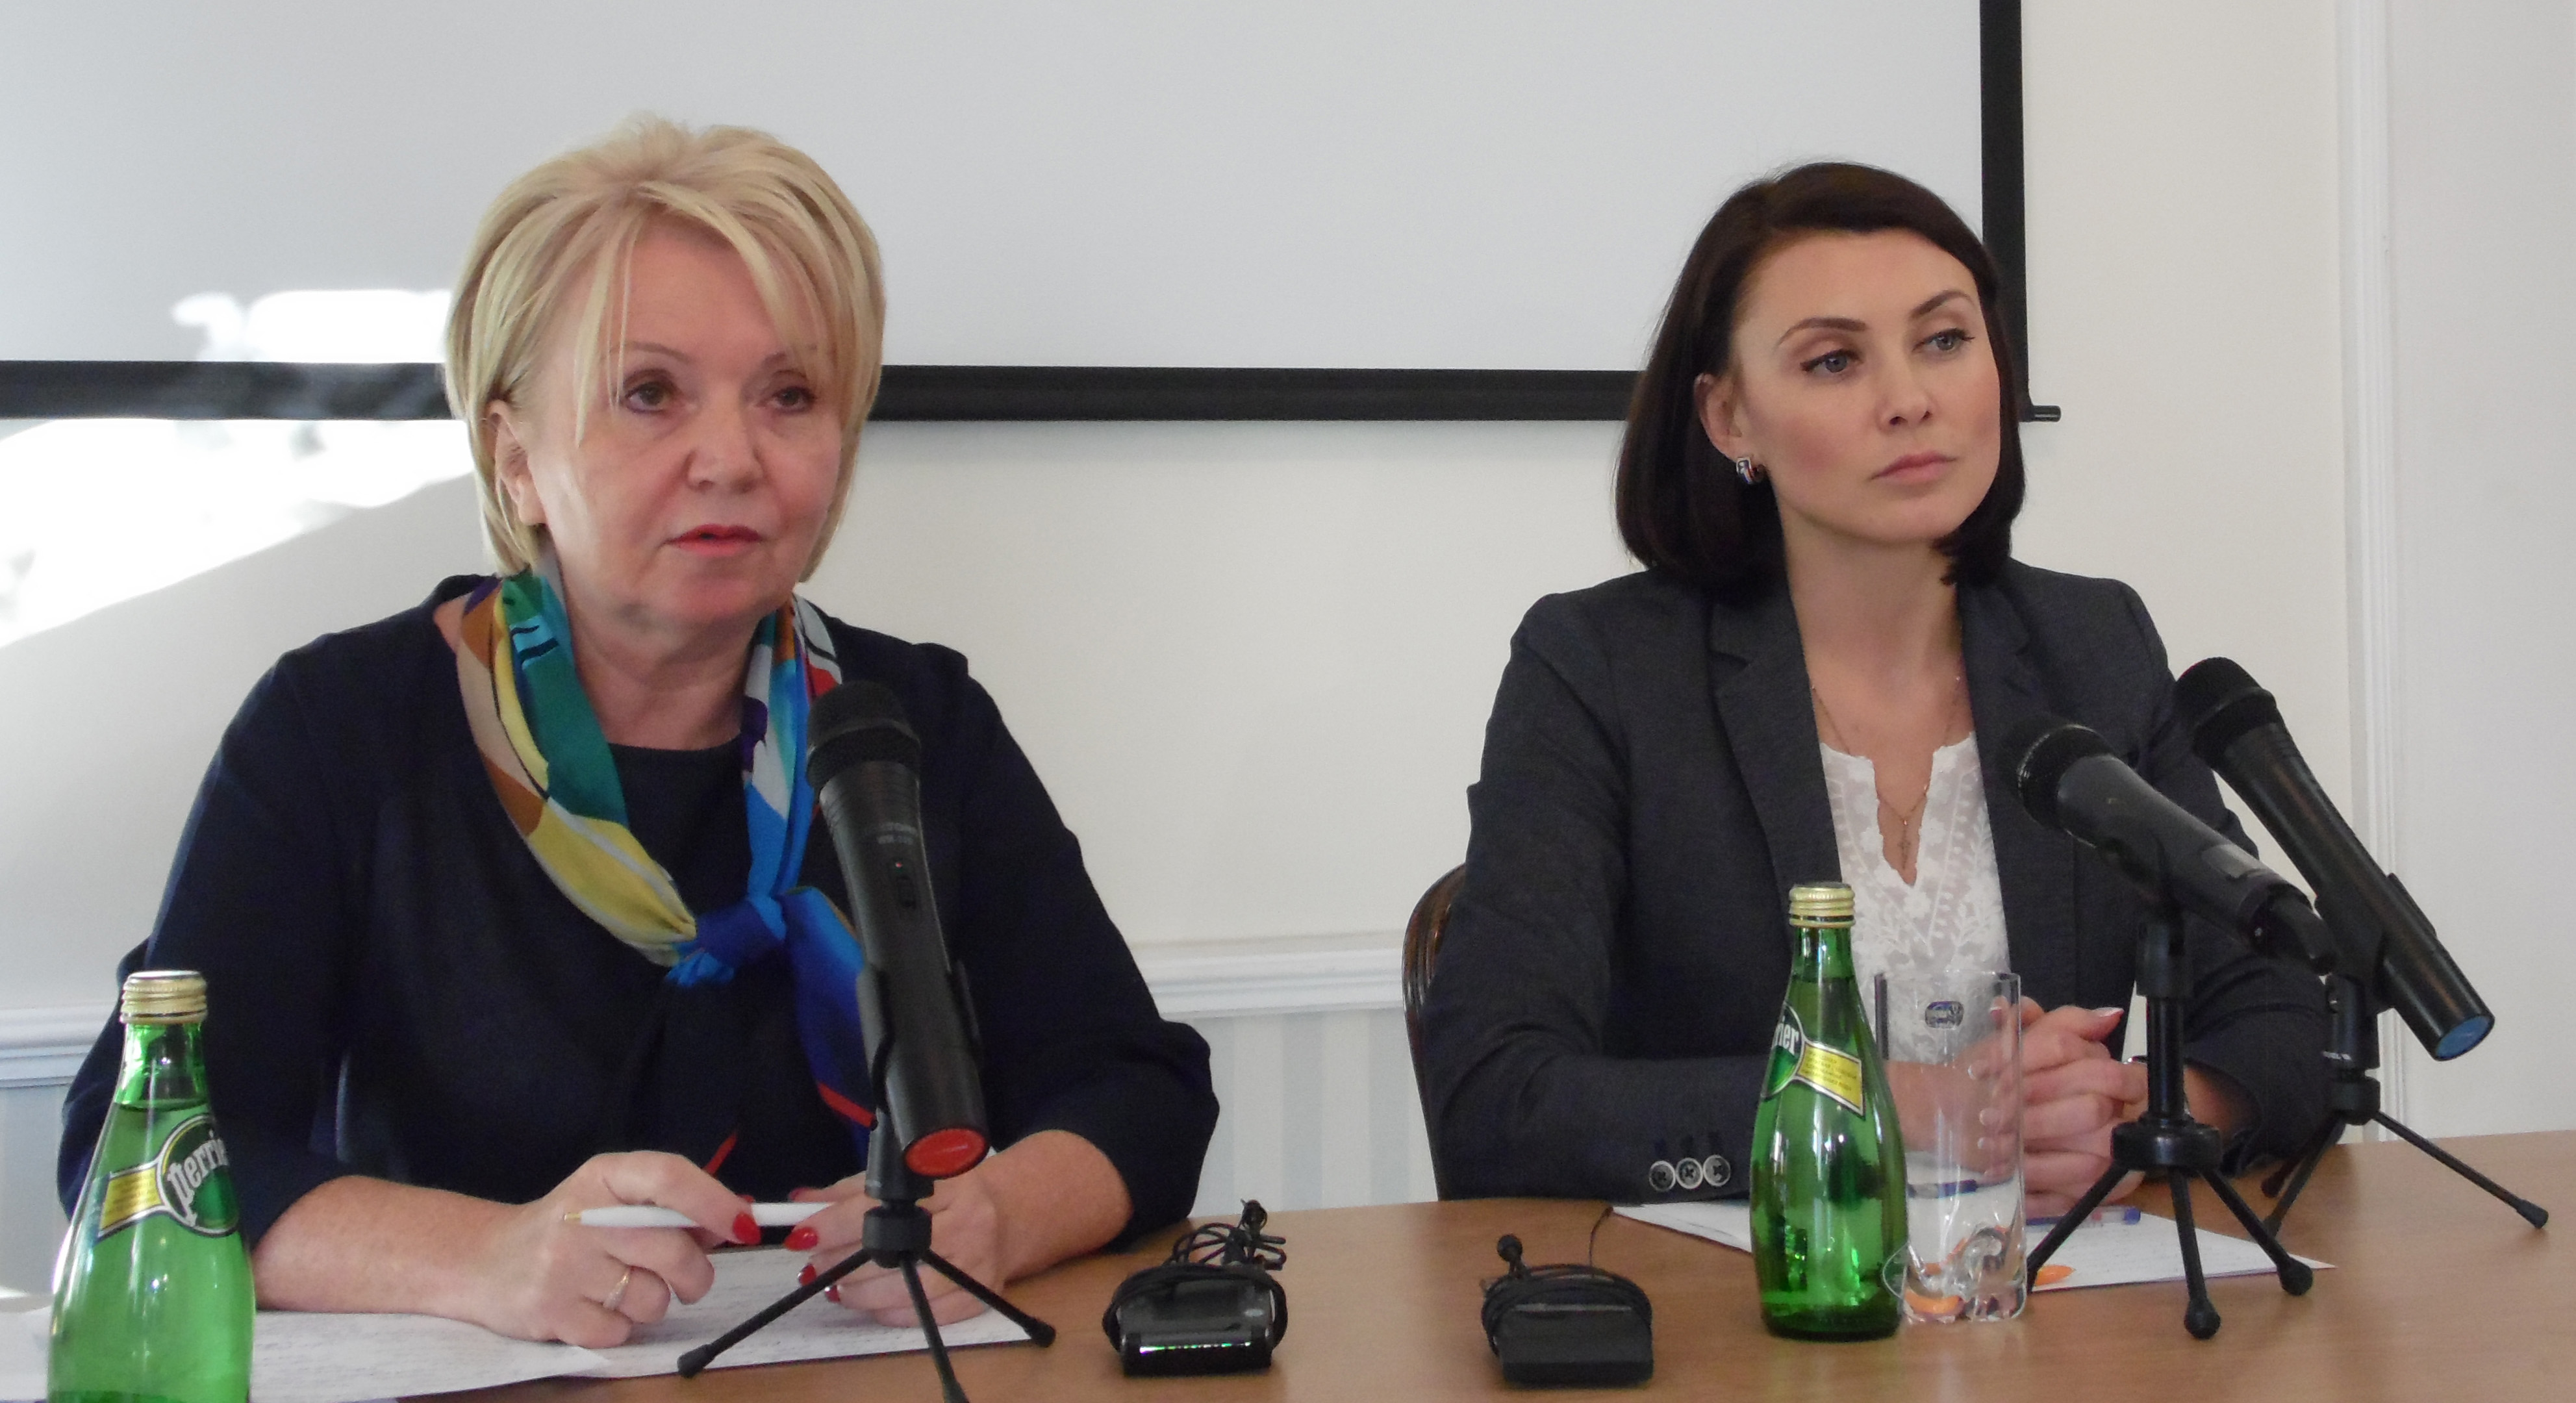 Эмилия Слабунова и Евгения Сухорукова на пресс-конференции в Петрозаводске. Фото: Алексей Владимиров